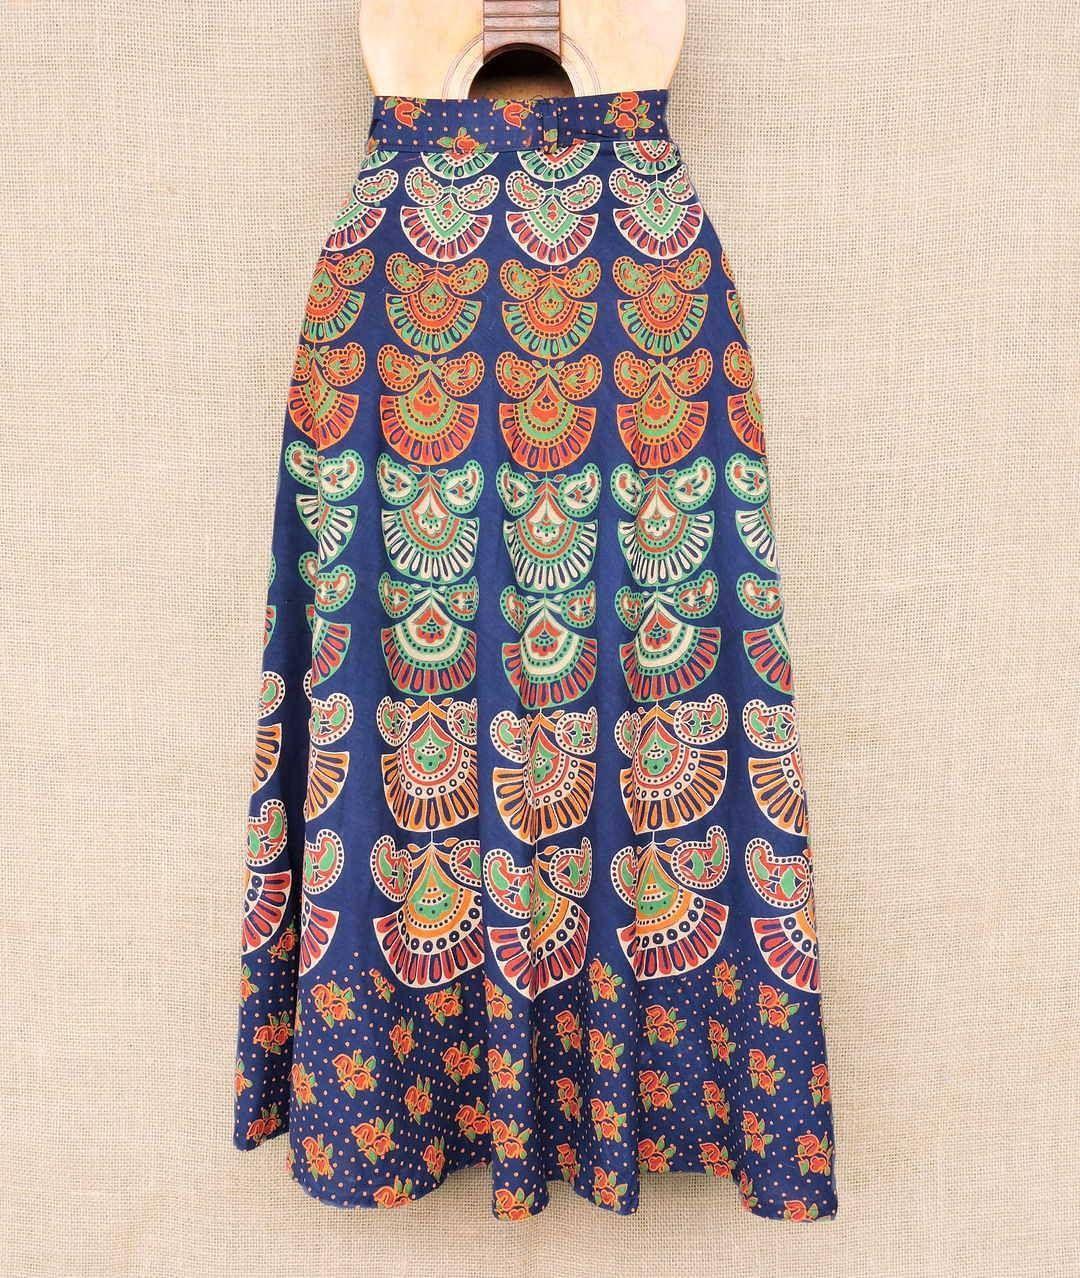 0a9ba88fd0 Saias envelope indianas artesanais... dezenas de estampas. Por R  6990 cada  Peça a sua pelo nosso Whatsapp  13982166299